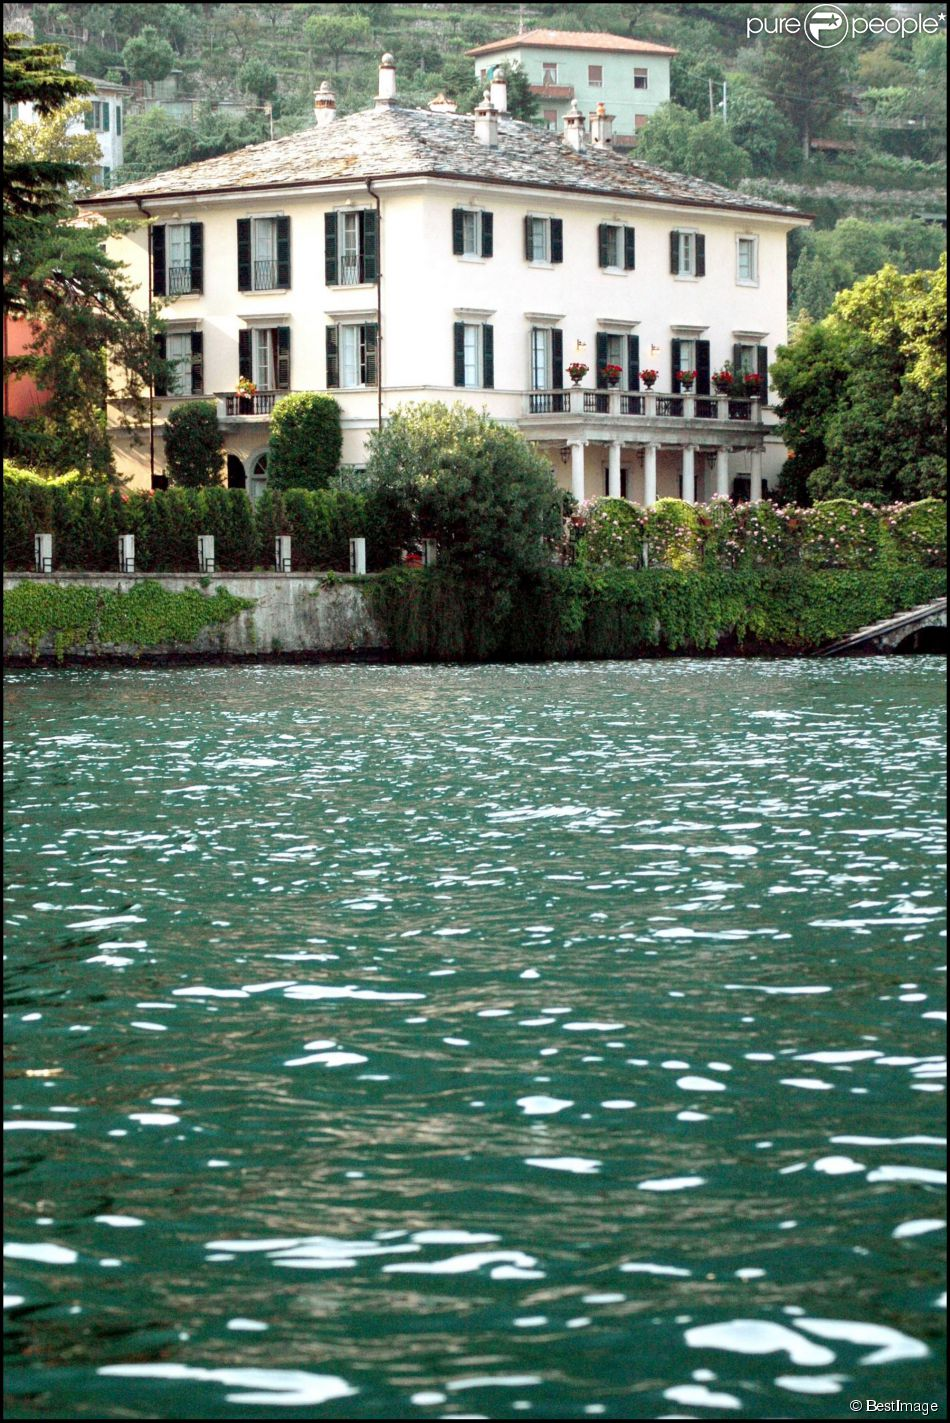 La maison de george clooney pr s du lac de c me en italie a t visit e pa - Maison de georges clooney lac de come ...